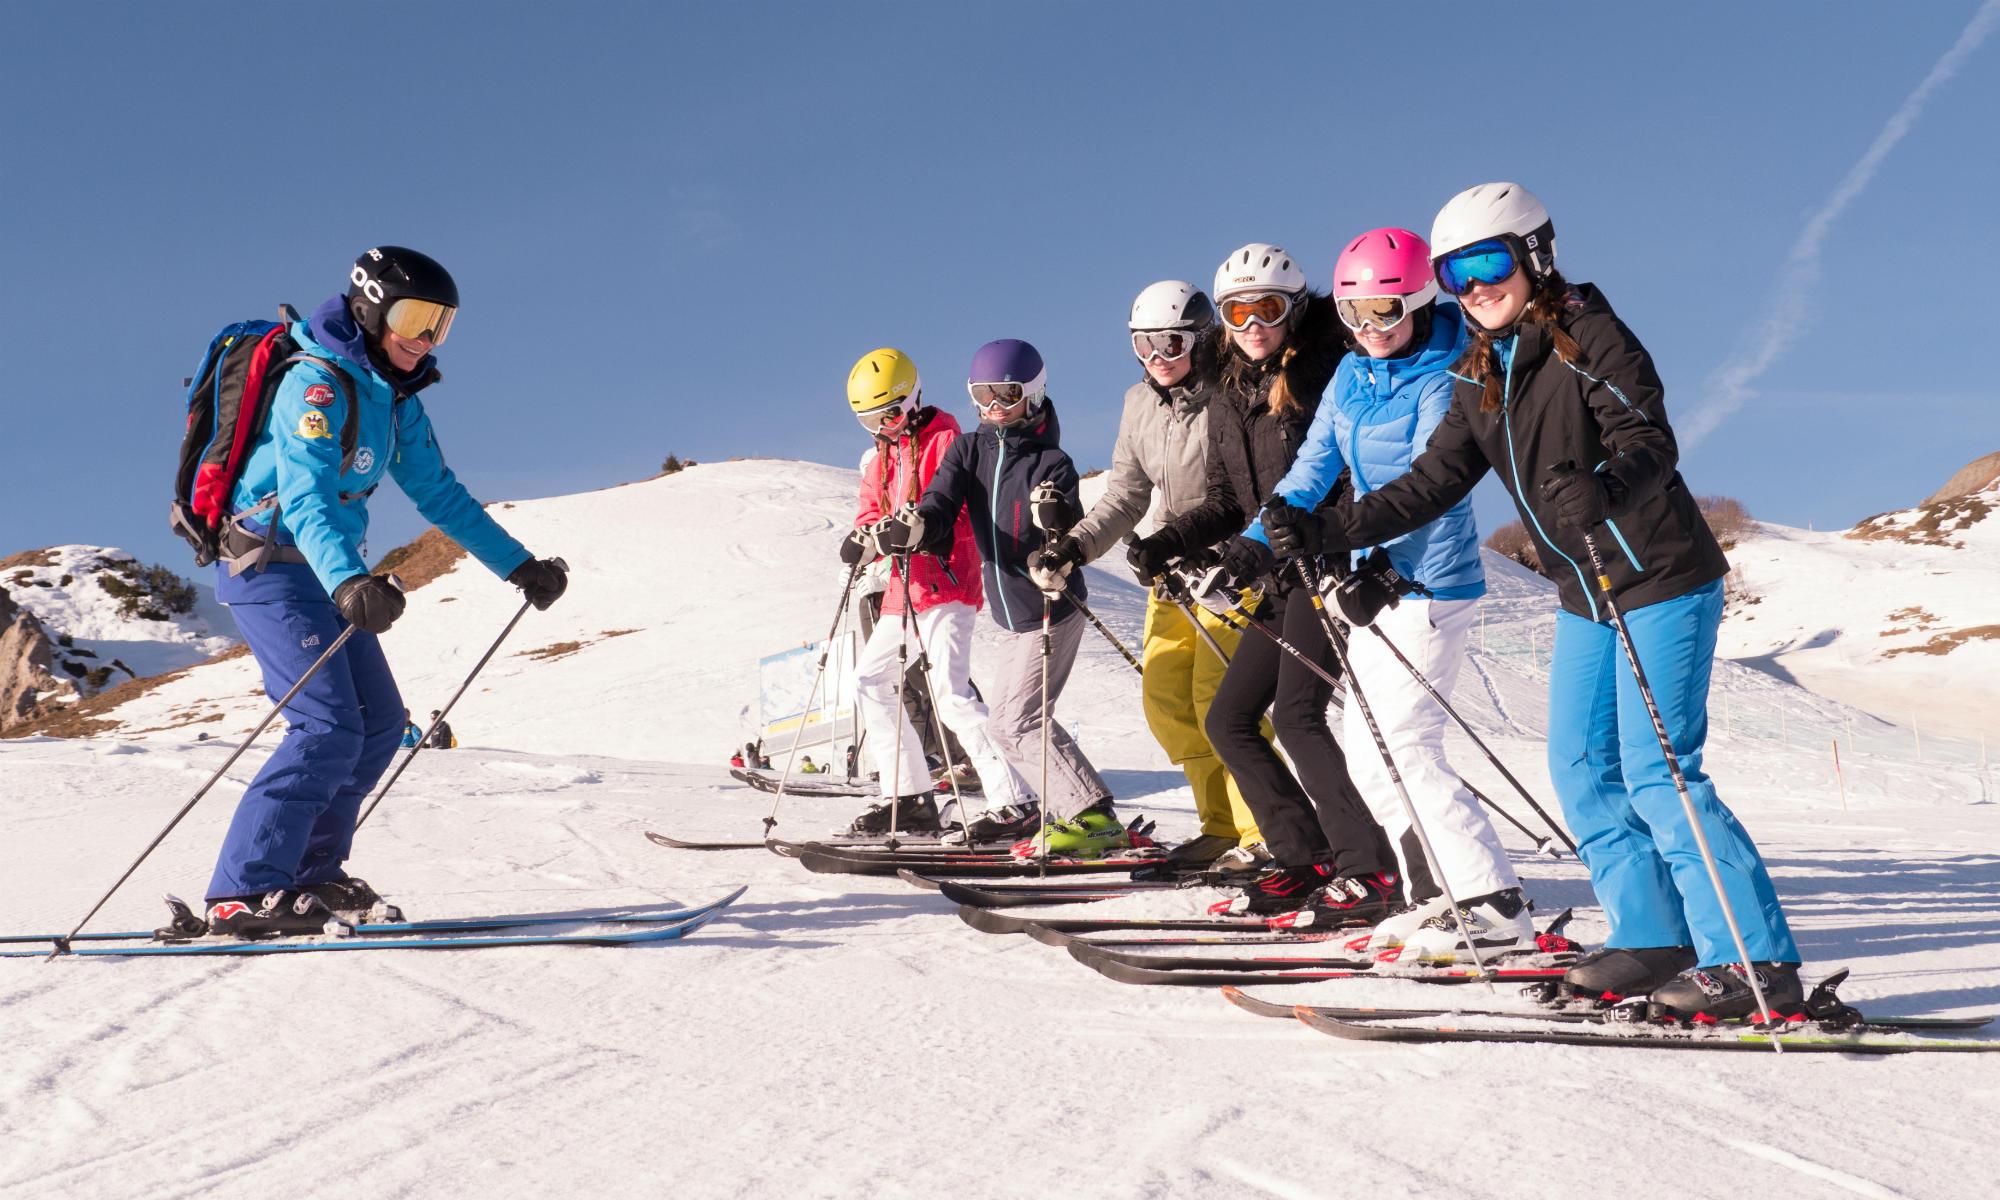 Un gruppo di adolescenti sulla pista soleggiata che prende lezioni di sci.